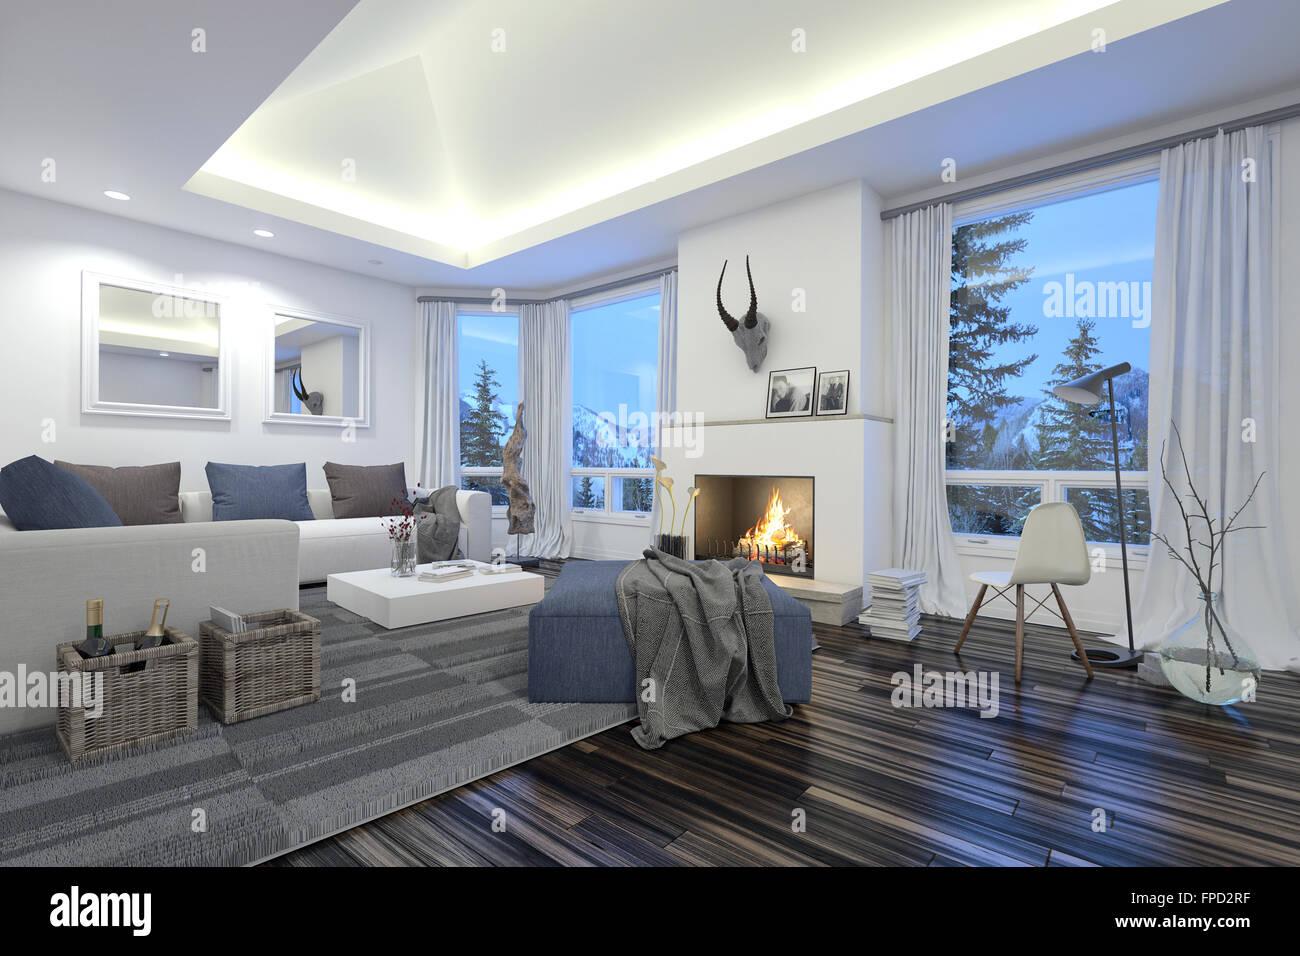 Illuminazione Soggiorno Moderno : Spazioso soggiorno moderno con un fuoco nel camino illuminazione